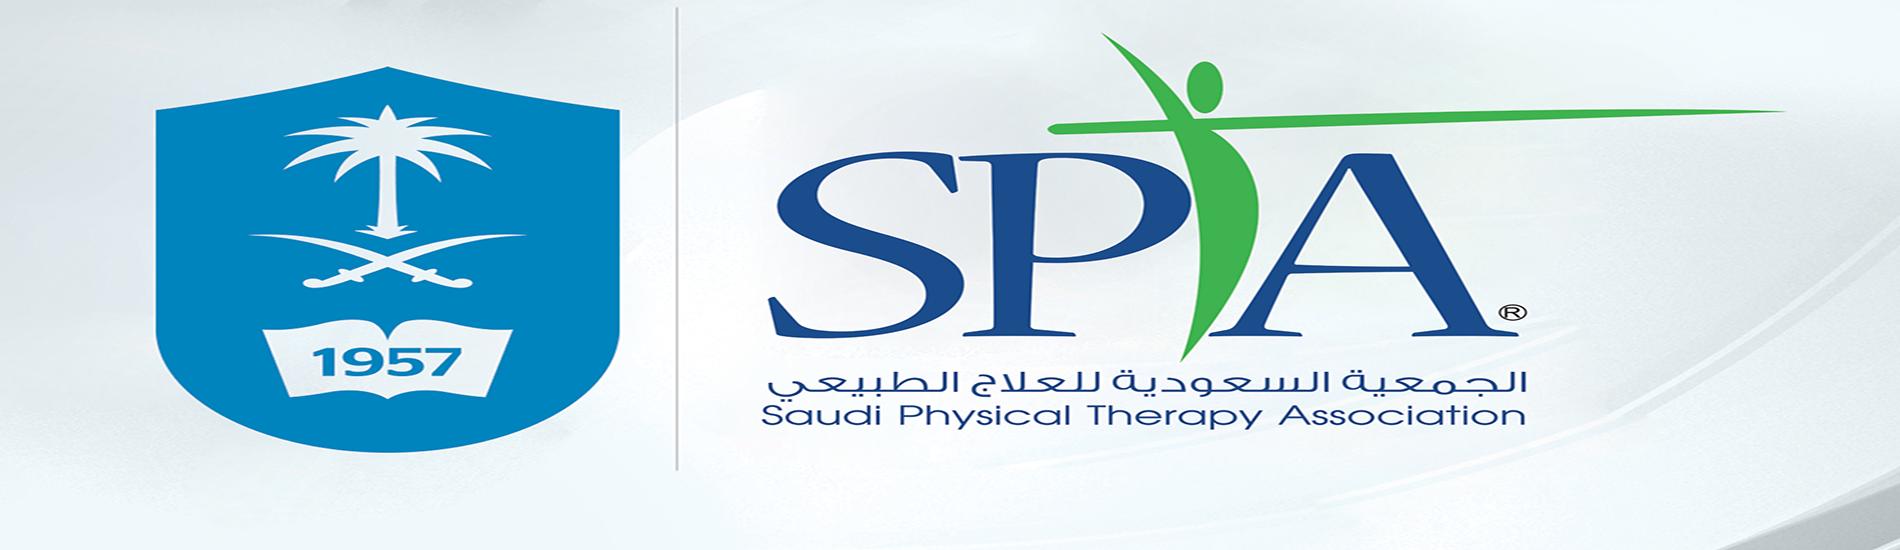 الموقع الرسمي - رئيس الجمعية السعودية للعلاج...